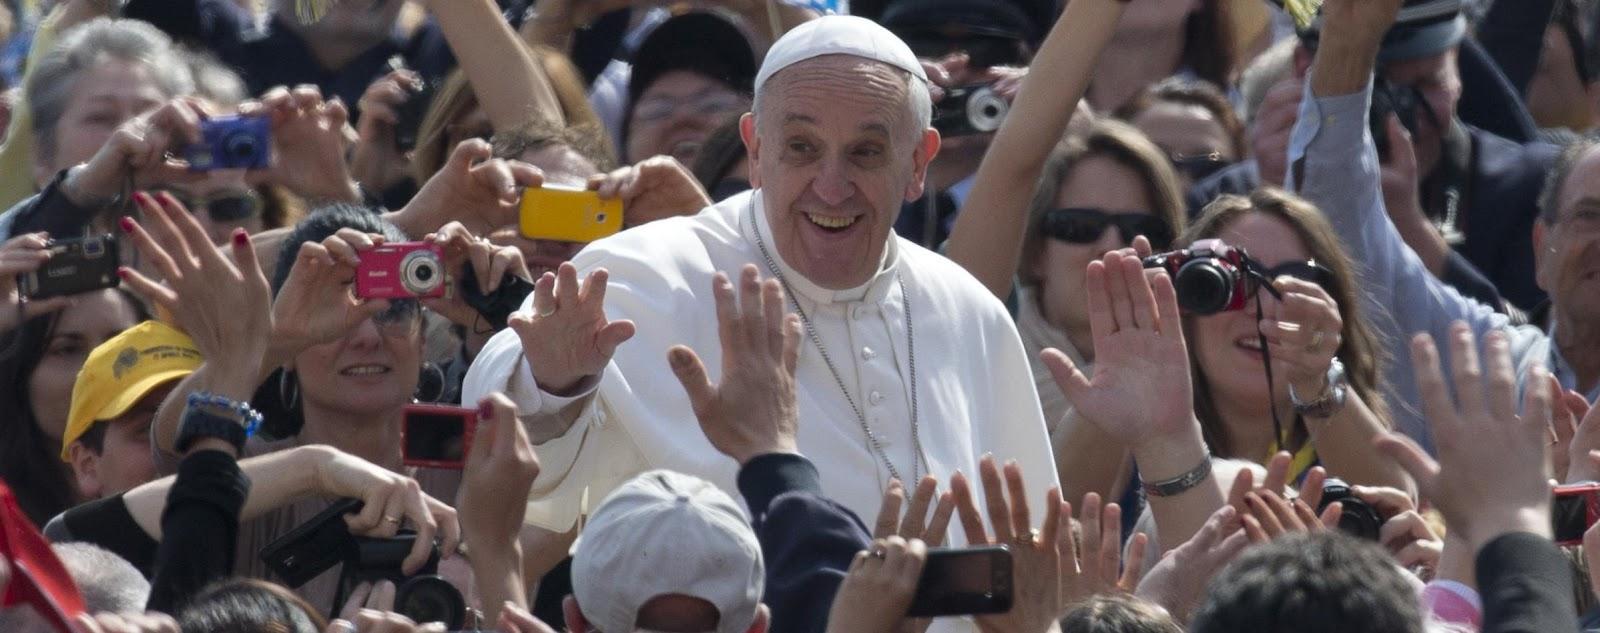 Oratorio pratocentenaro - Papa francesco divano ...